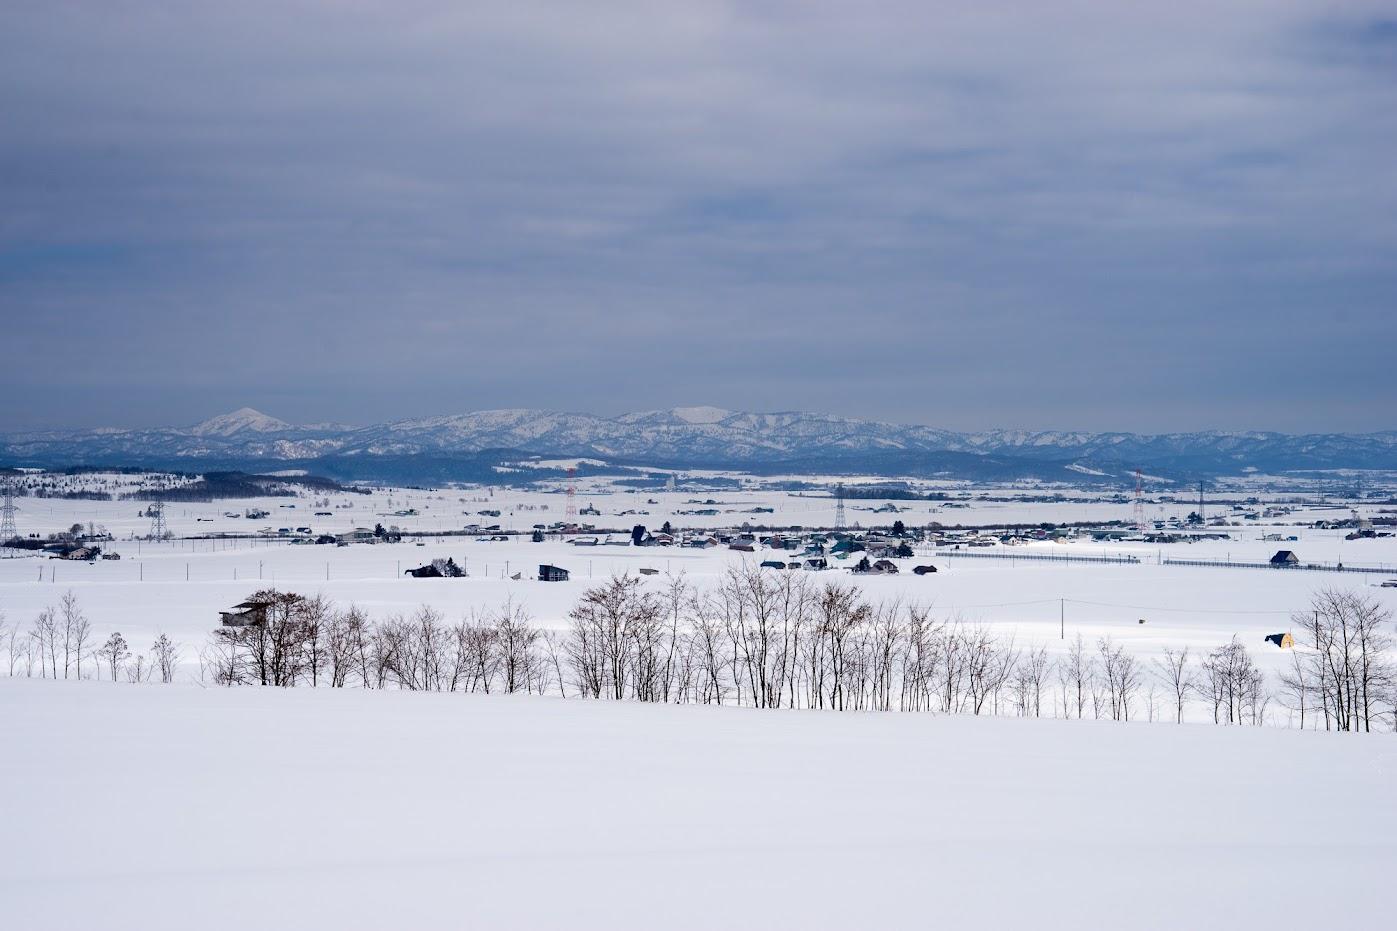 北竜町眺望の丘付近より